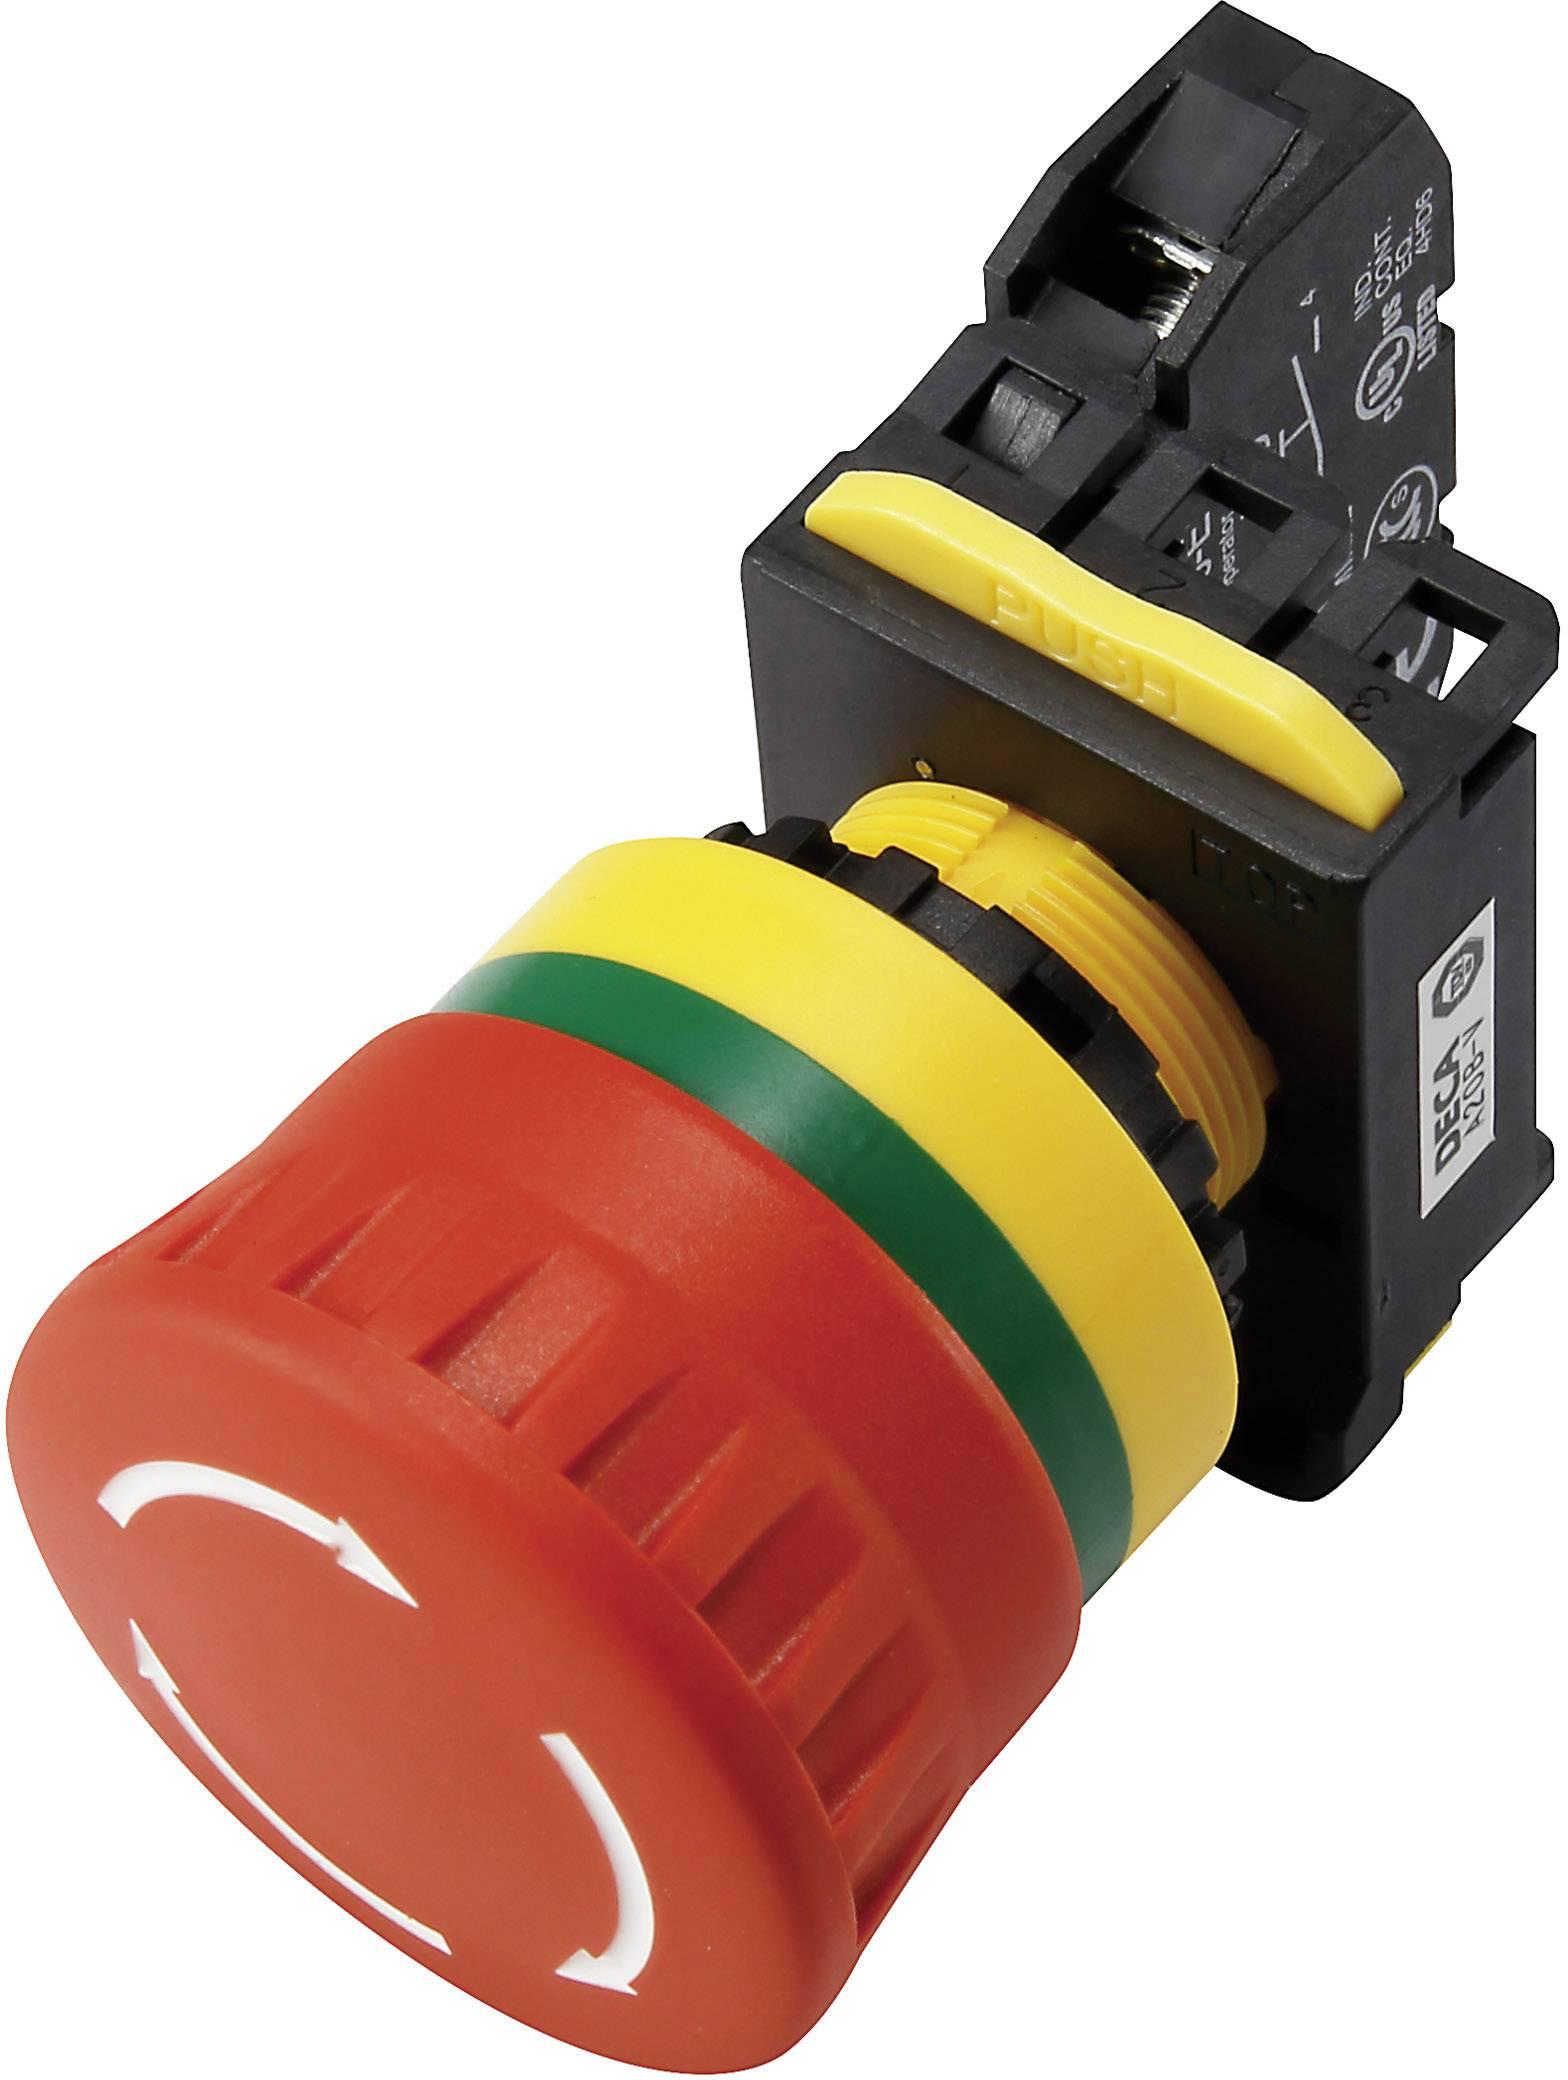 Núdzový vypínač s kontaktným prvkom DECA A20B-V4E01R, 240 V/AC, 6 A